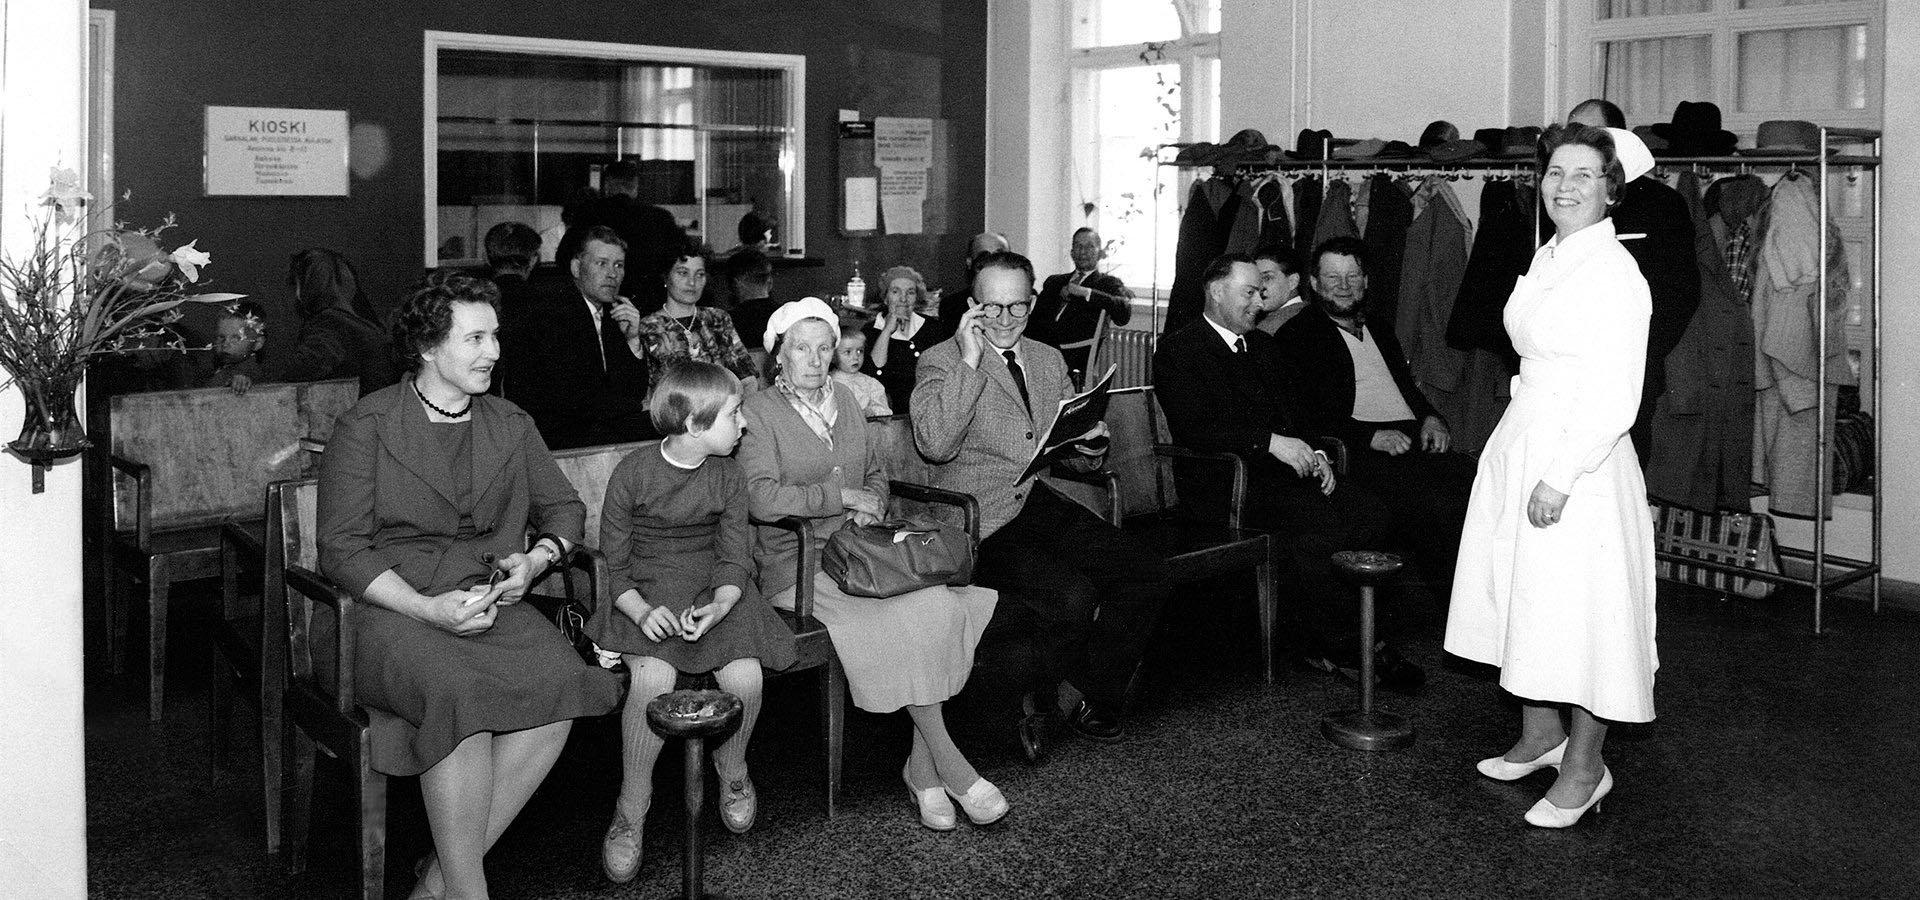 Invalidisäätiön pääaula Ruskeasuolla 1950-luvulta. Odotus tila täynnä lääkärin vastaanotolle meneviä potilaita.